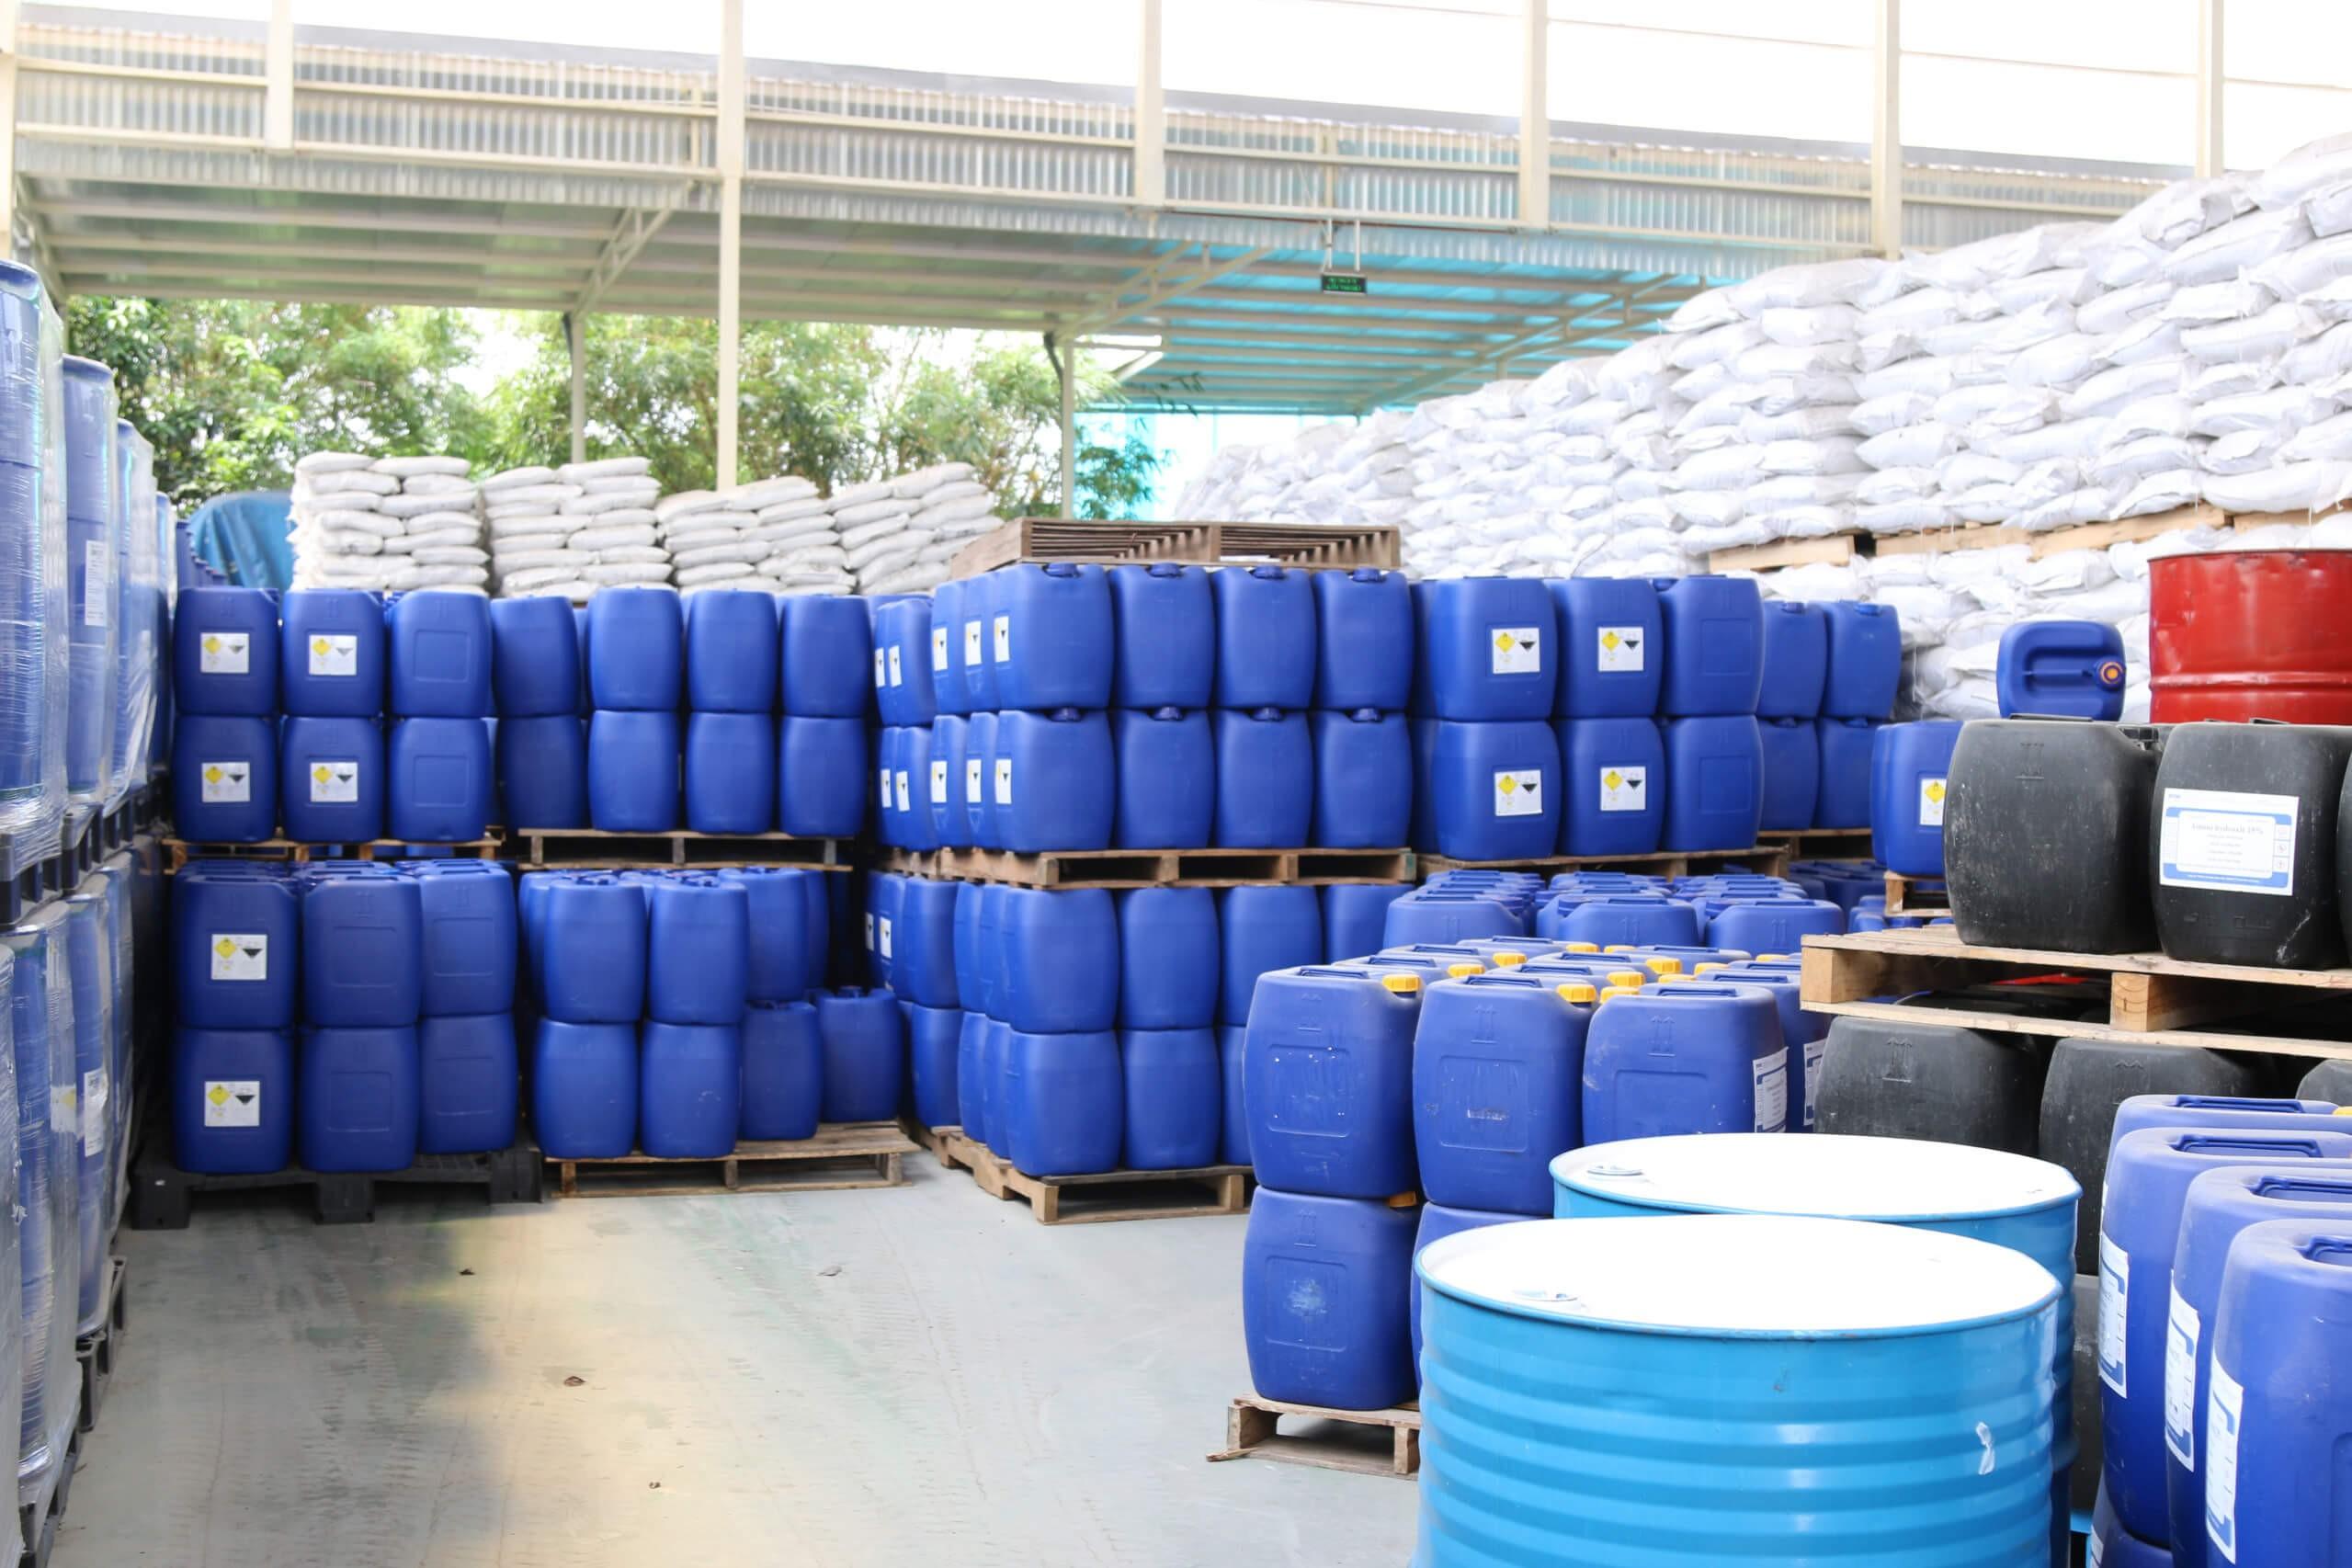 Mua kẽm nitrat ở đâu tại Hà Nội, TP Hồ Chí Minh chất lượng hiện nay